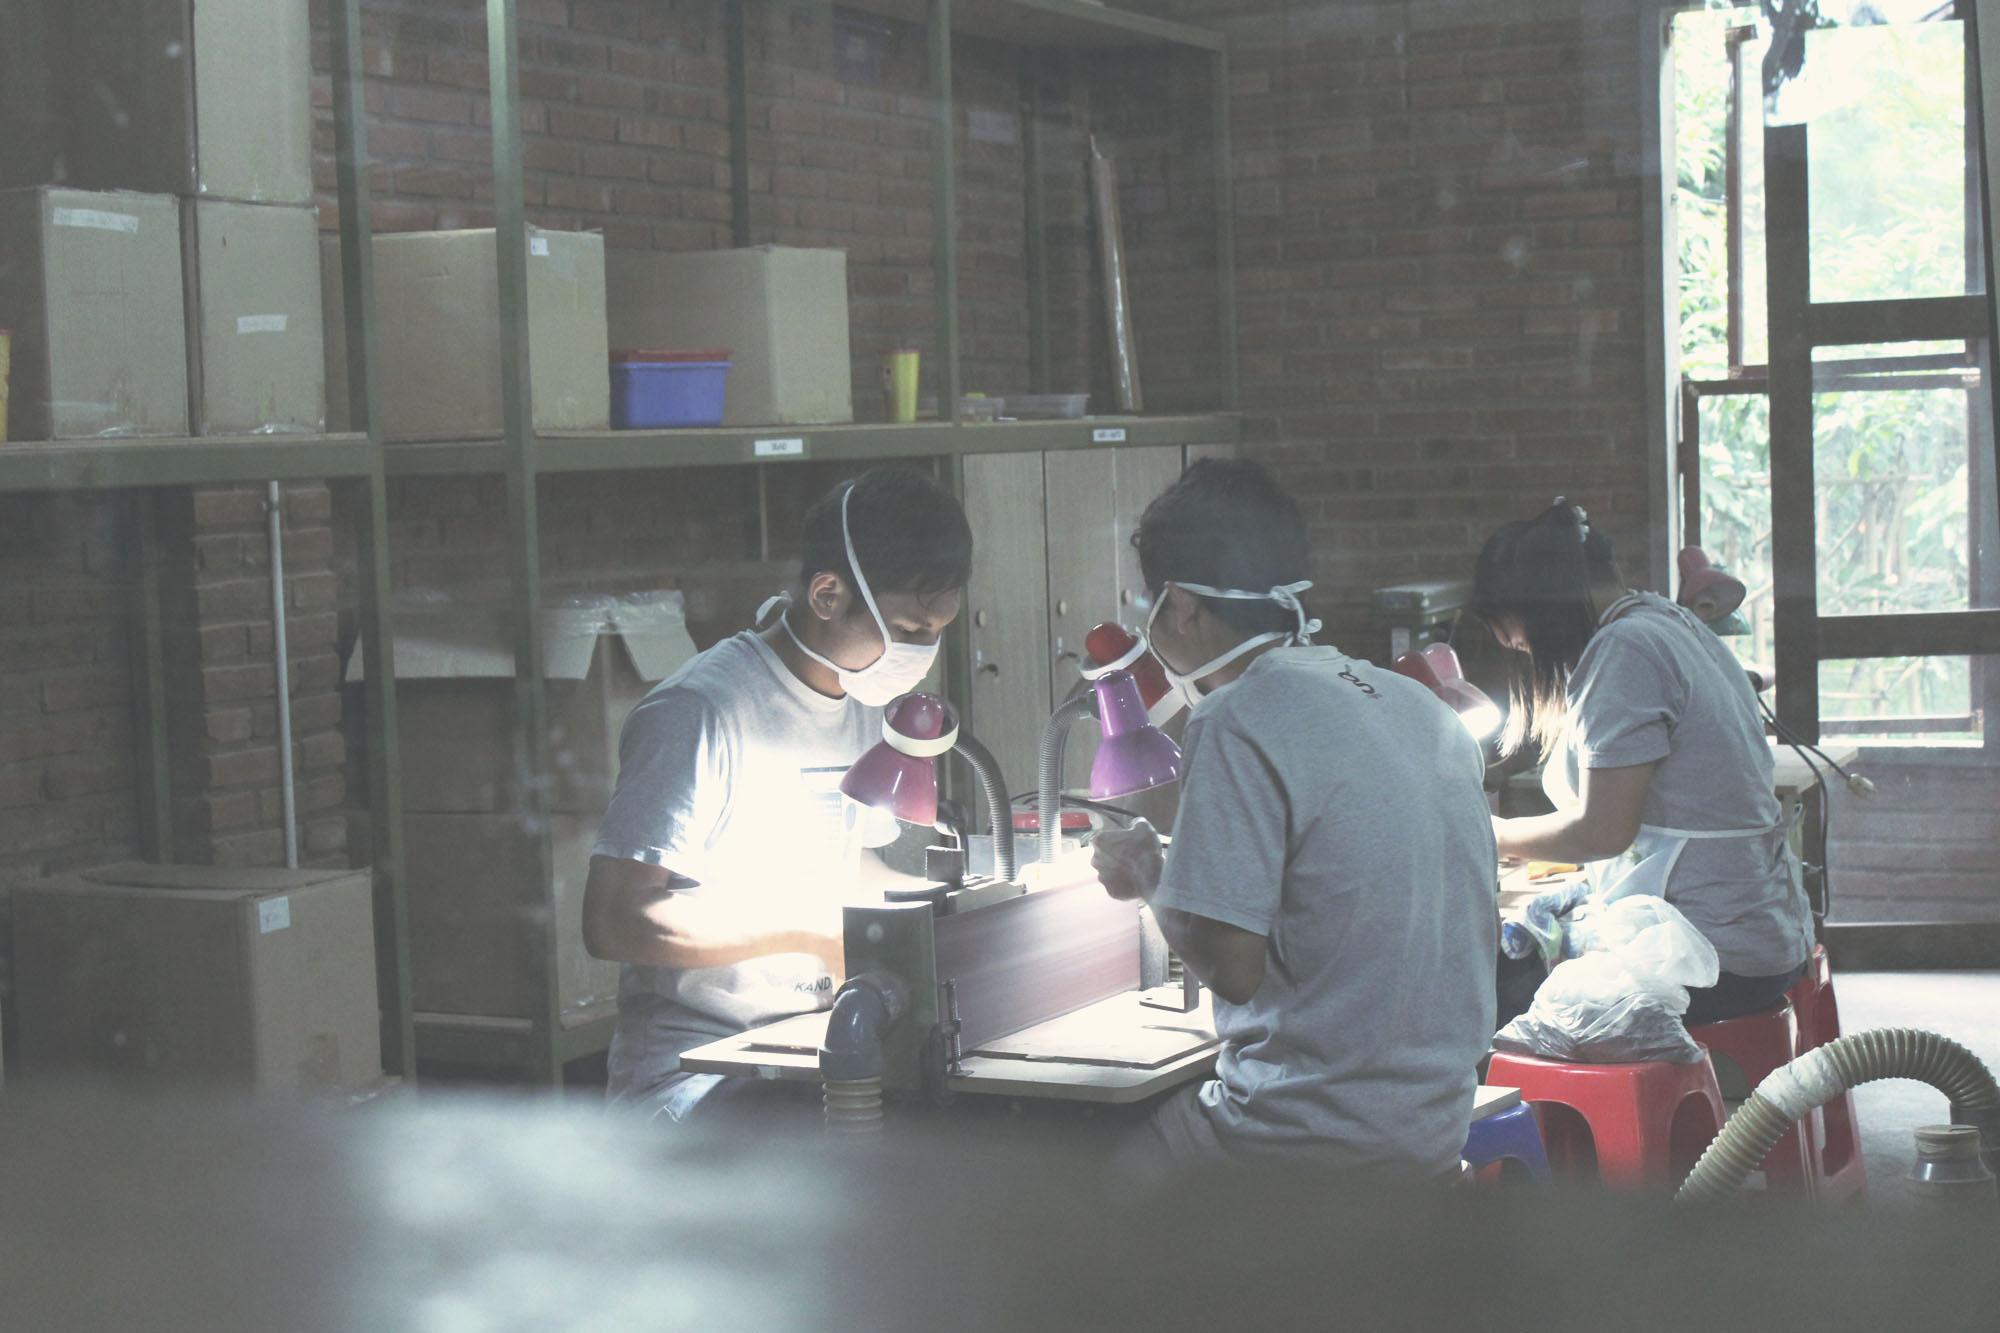 magno workhsop 3